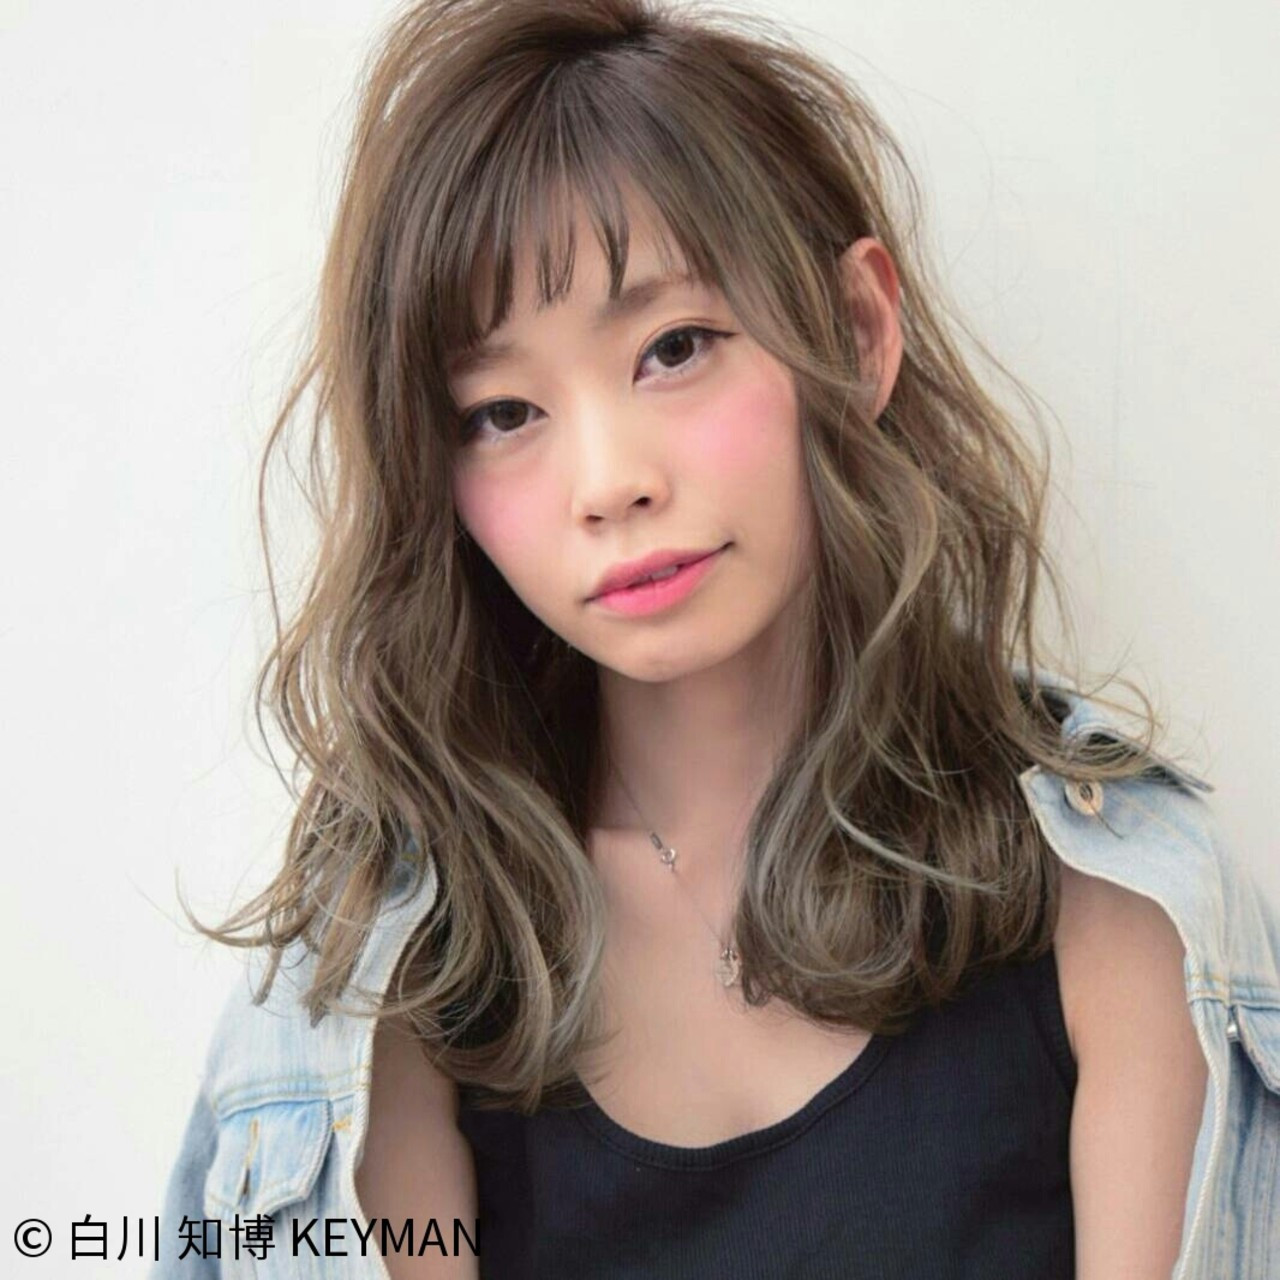 ニュアンス 大人女子 ストリート 小顔 ヘアスタイルや髪型の写真・画像